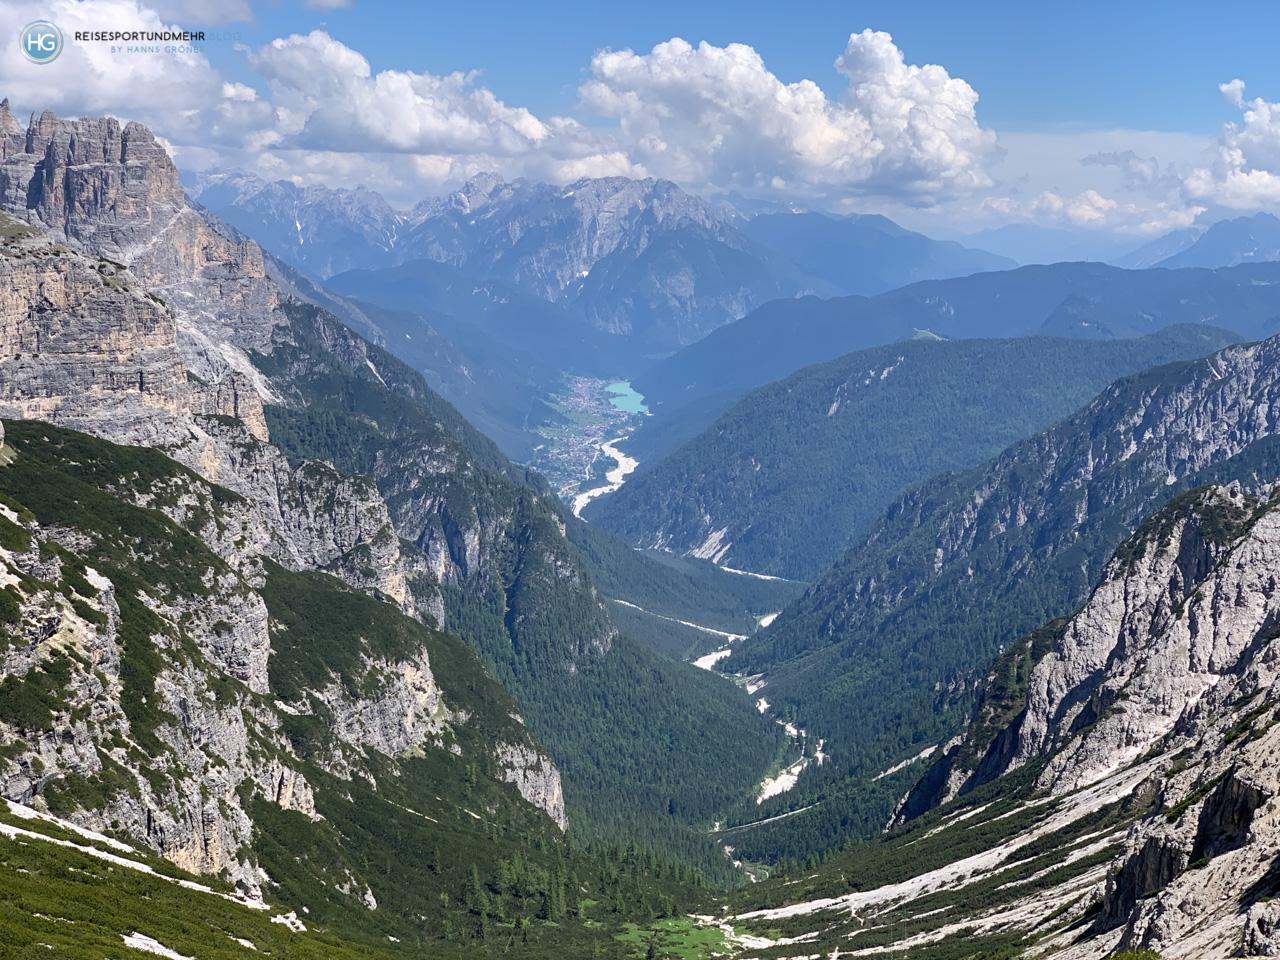 Dolomiten 2020 - Drei Zinnen - Blick Richtung Auronzosee (Foto: Hanns Gröner)